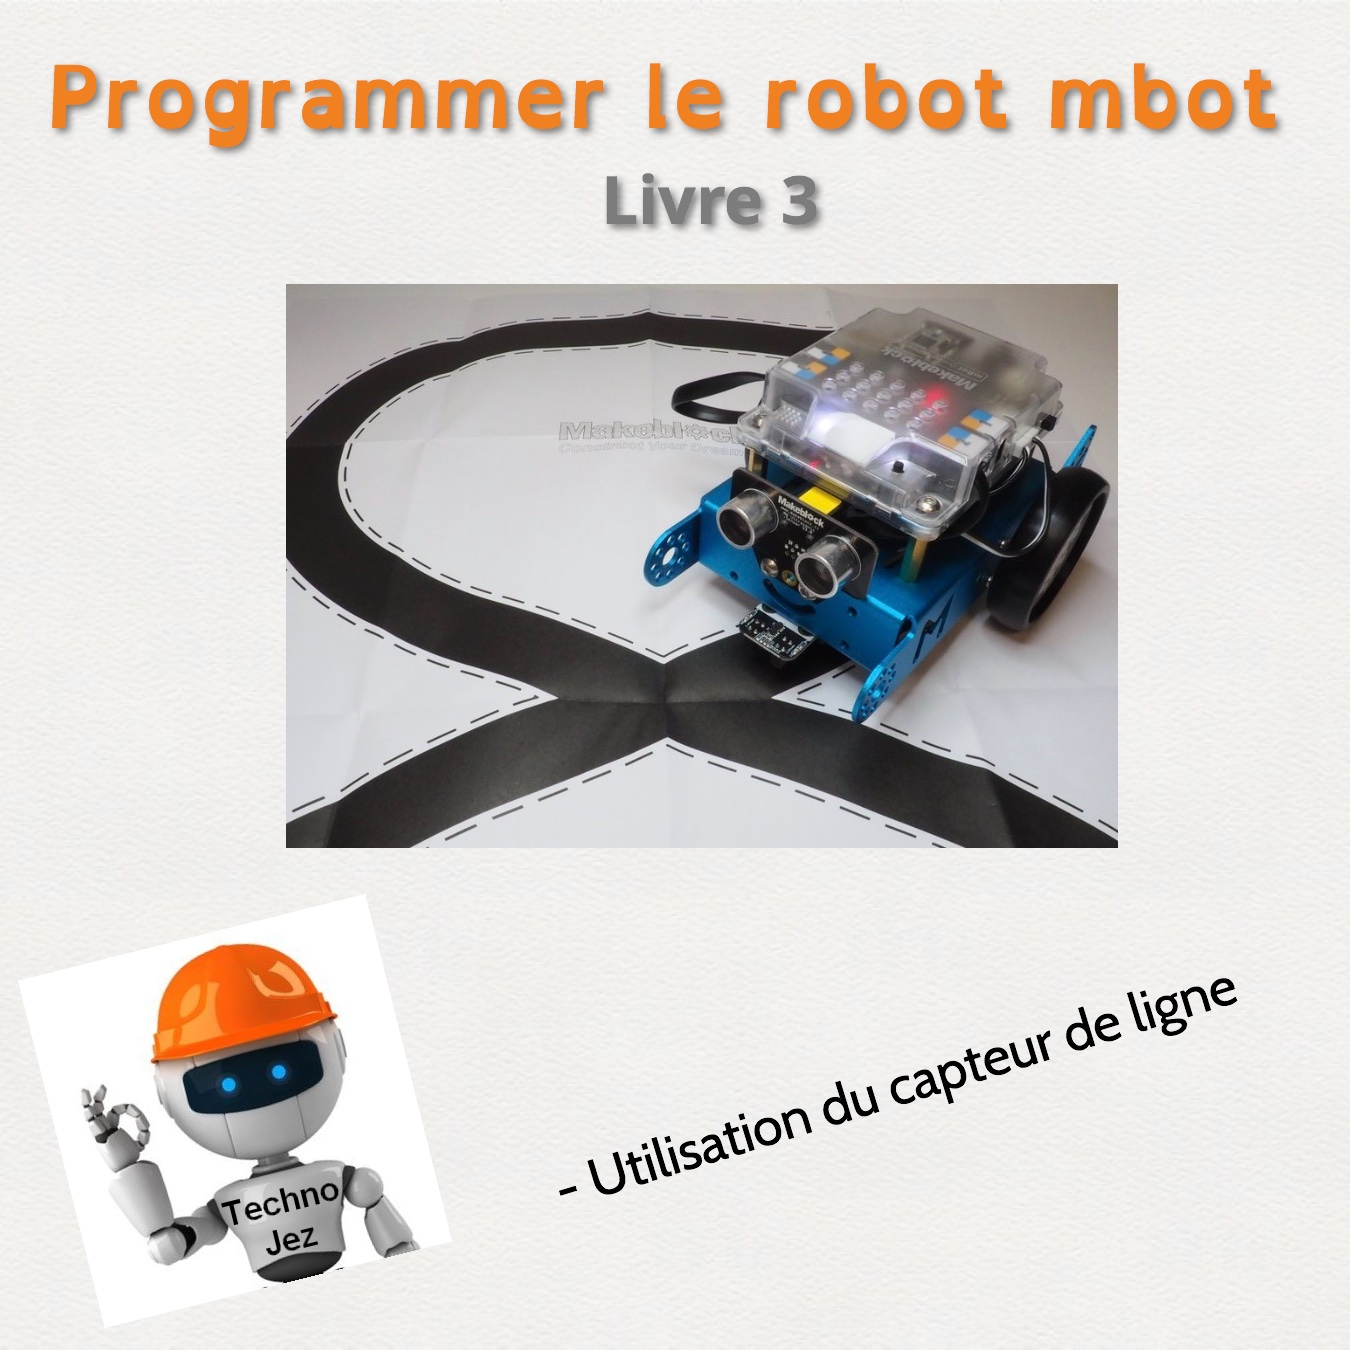 Mbot (capteur infrarouge)